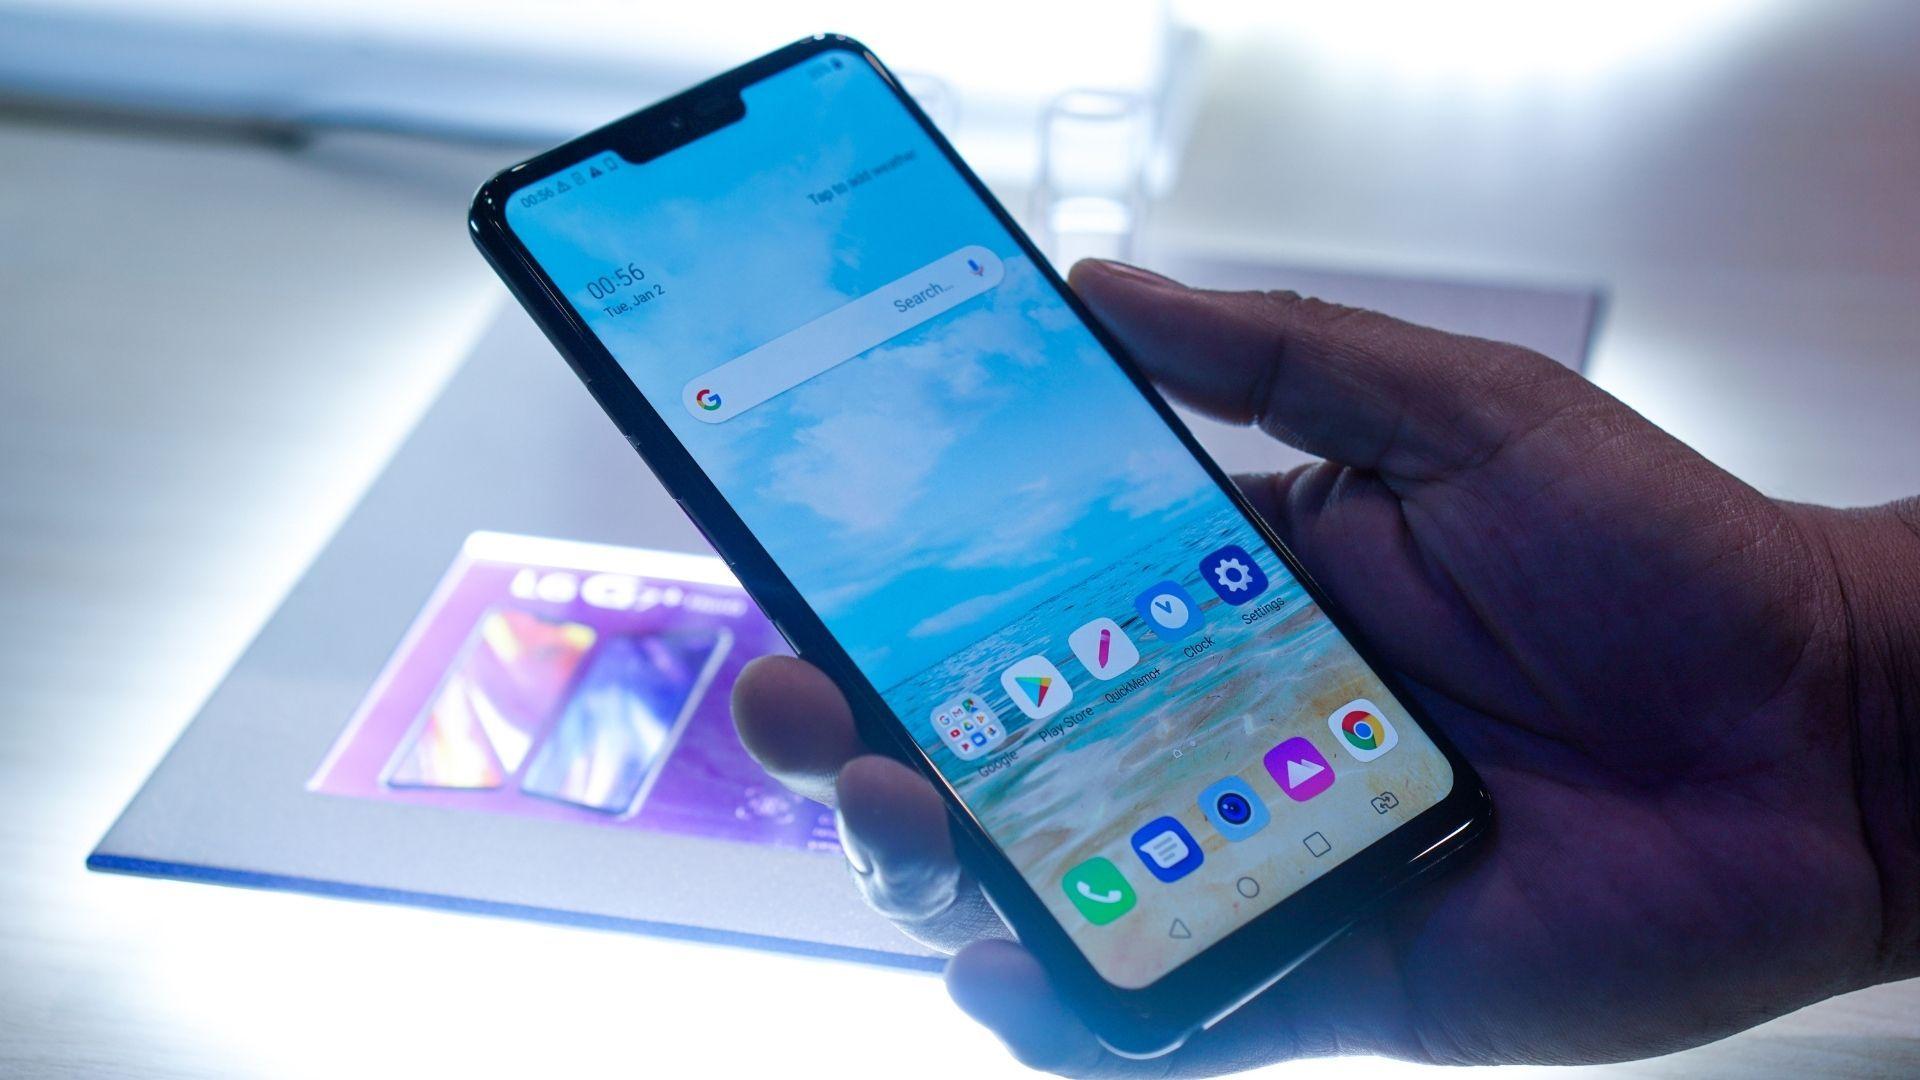 LG anuncia que vai deixar o mercado de celulares em 2021! (Foto: Lukmanazis / Shutterstock.com)